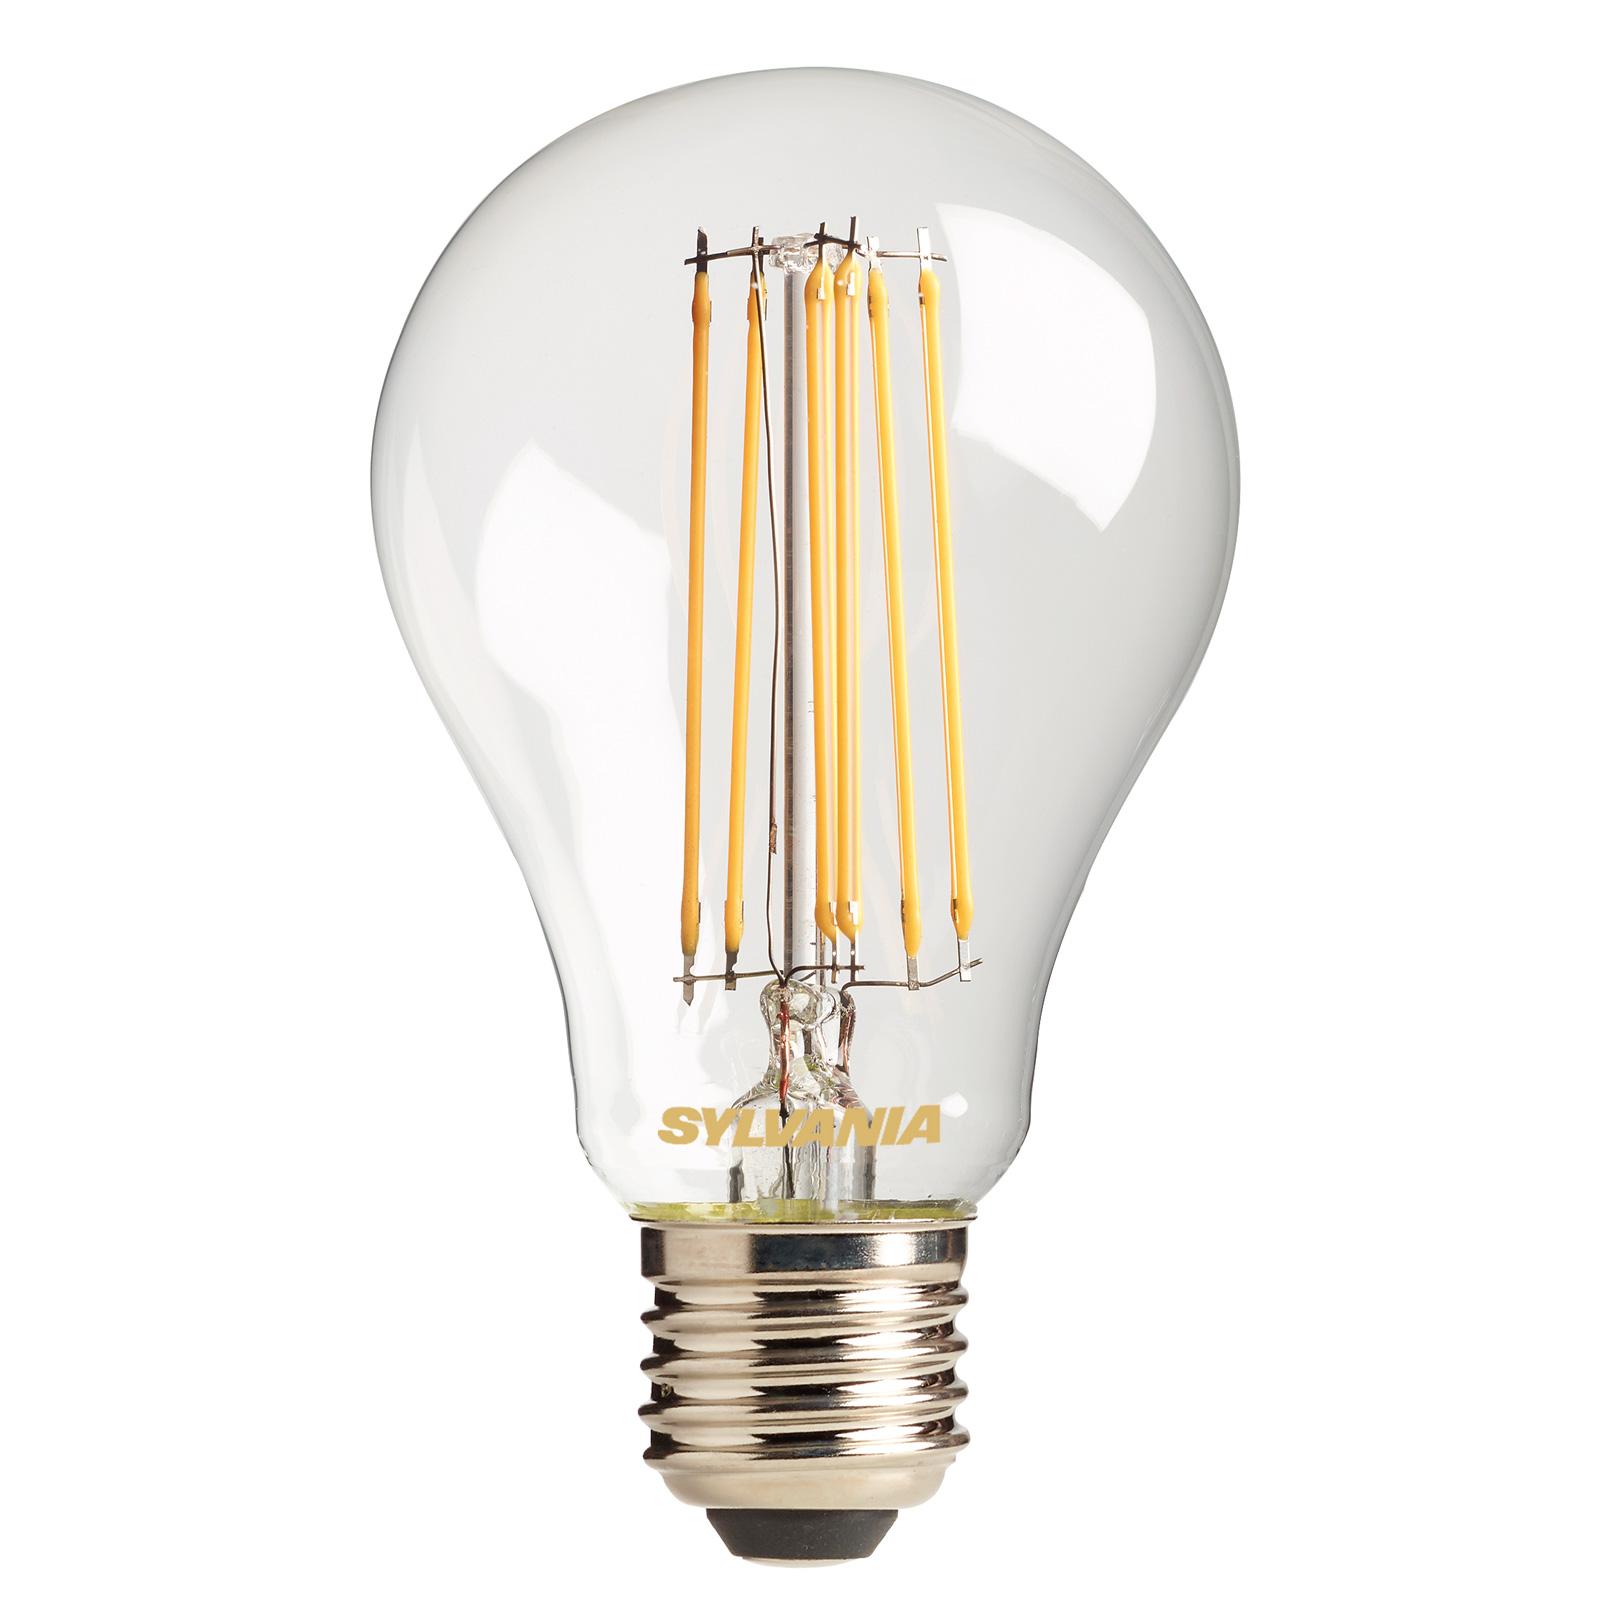 LED lamp E27 ToLEDo RT A67 11,5 827 helder